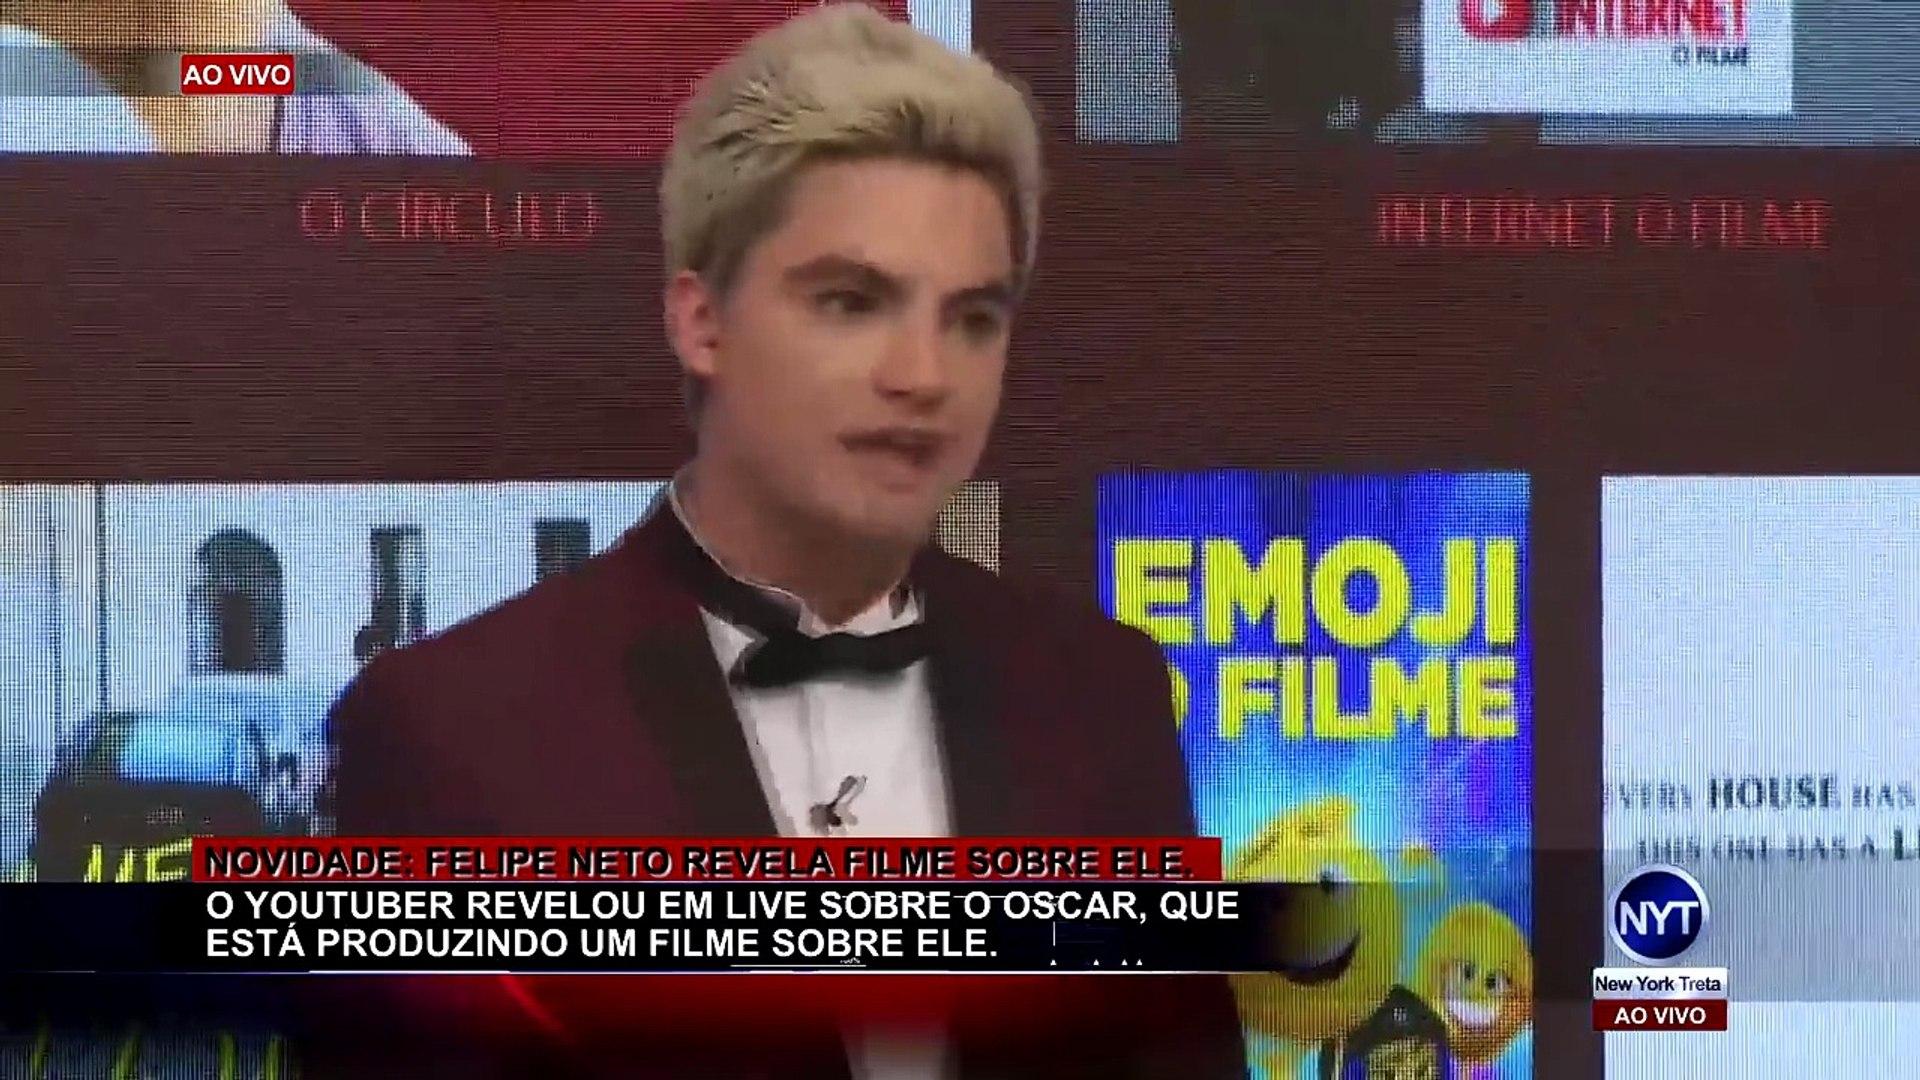 Felipe Neto é PROCESSADO novamente e revela em live que fará UM FILME sobre ele